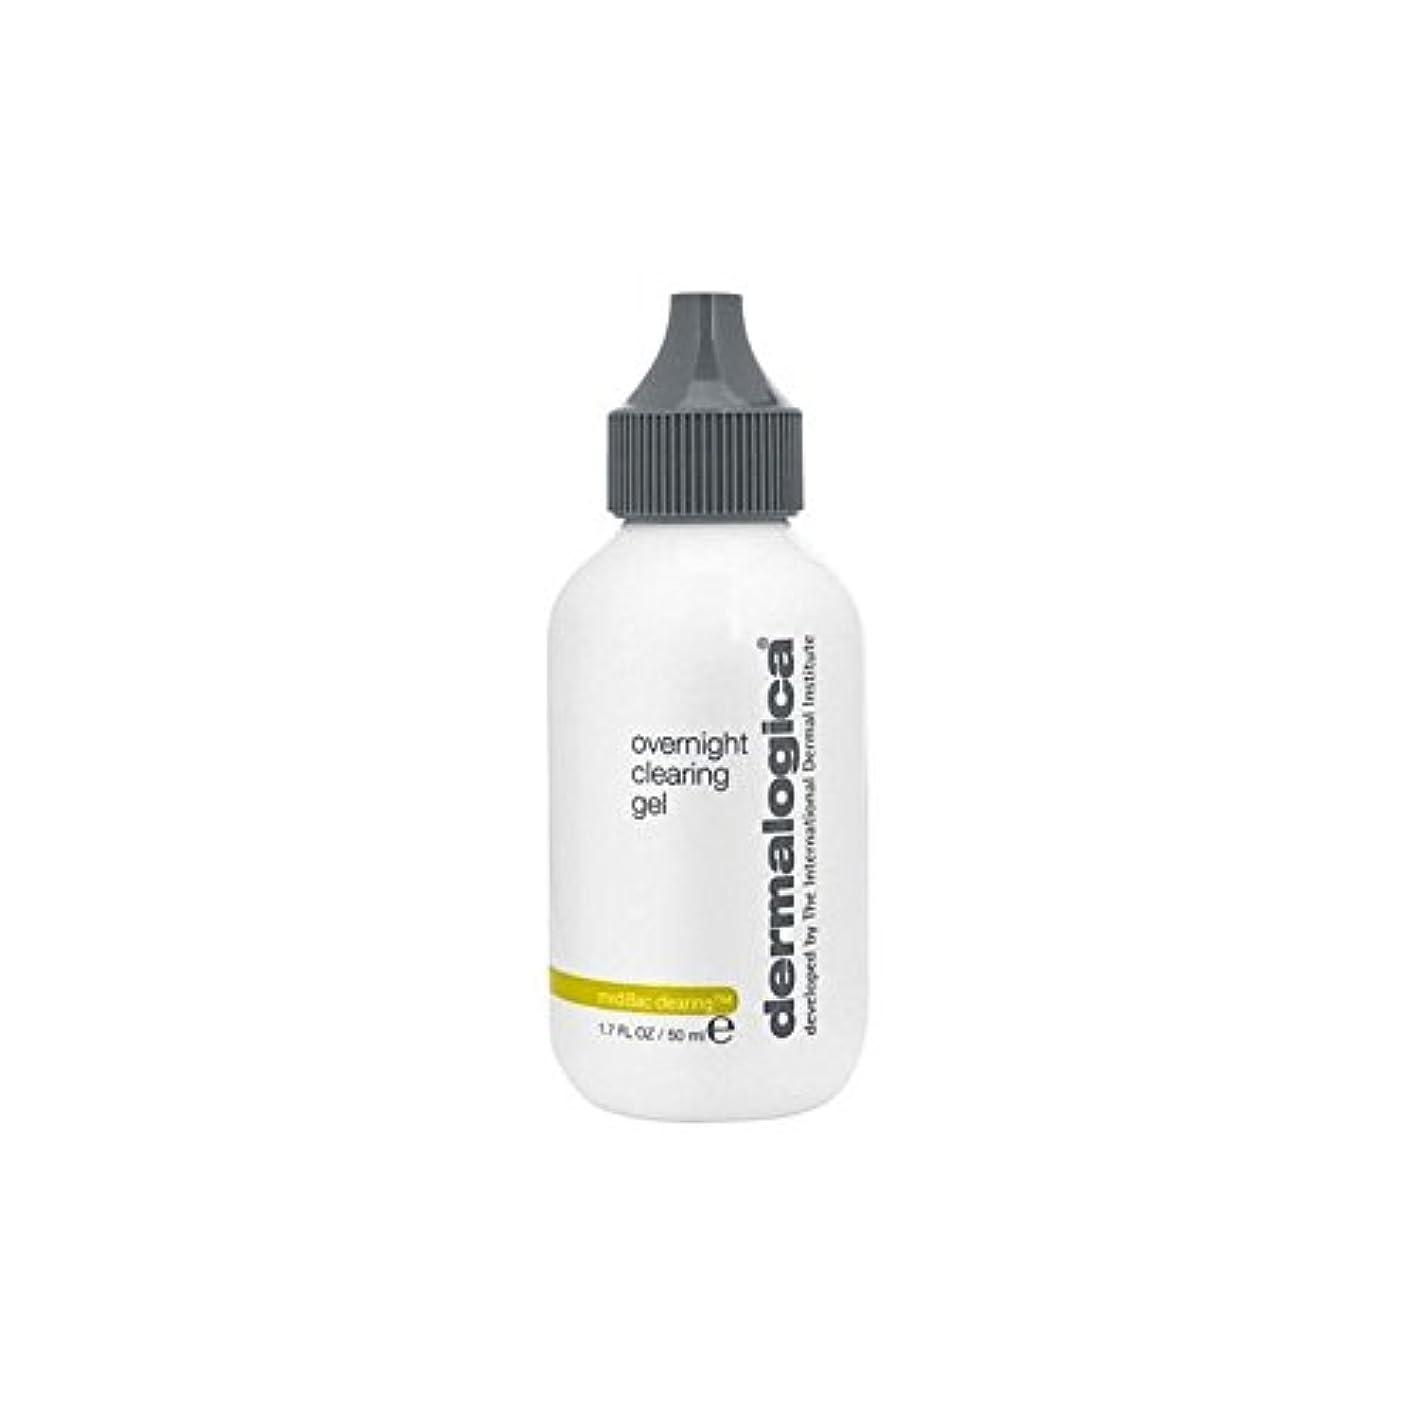 収穫スピリチュアルアクセシブルダーマロジカ一晩透明ゲル(50)中 x2 - Dermalogica Medibac Overnight Clearing Gel (50ml) (Pack of 2) [並行輸入品]